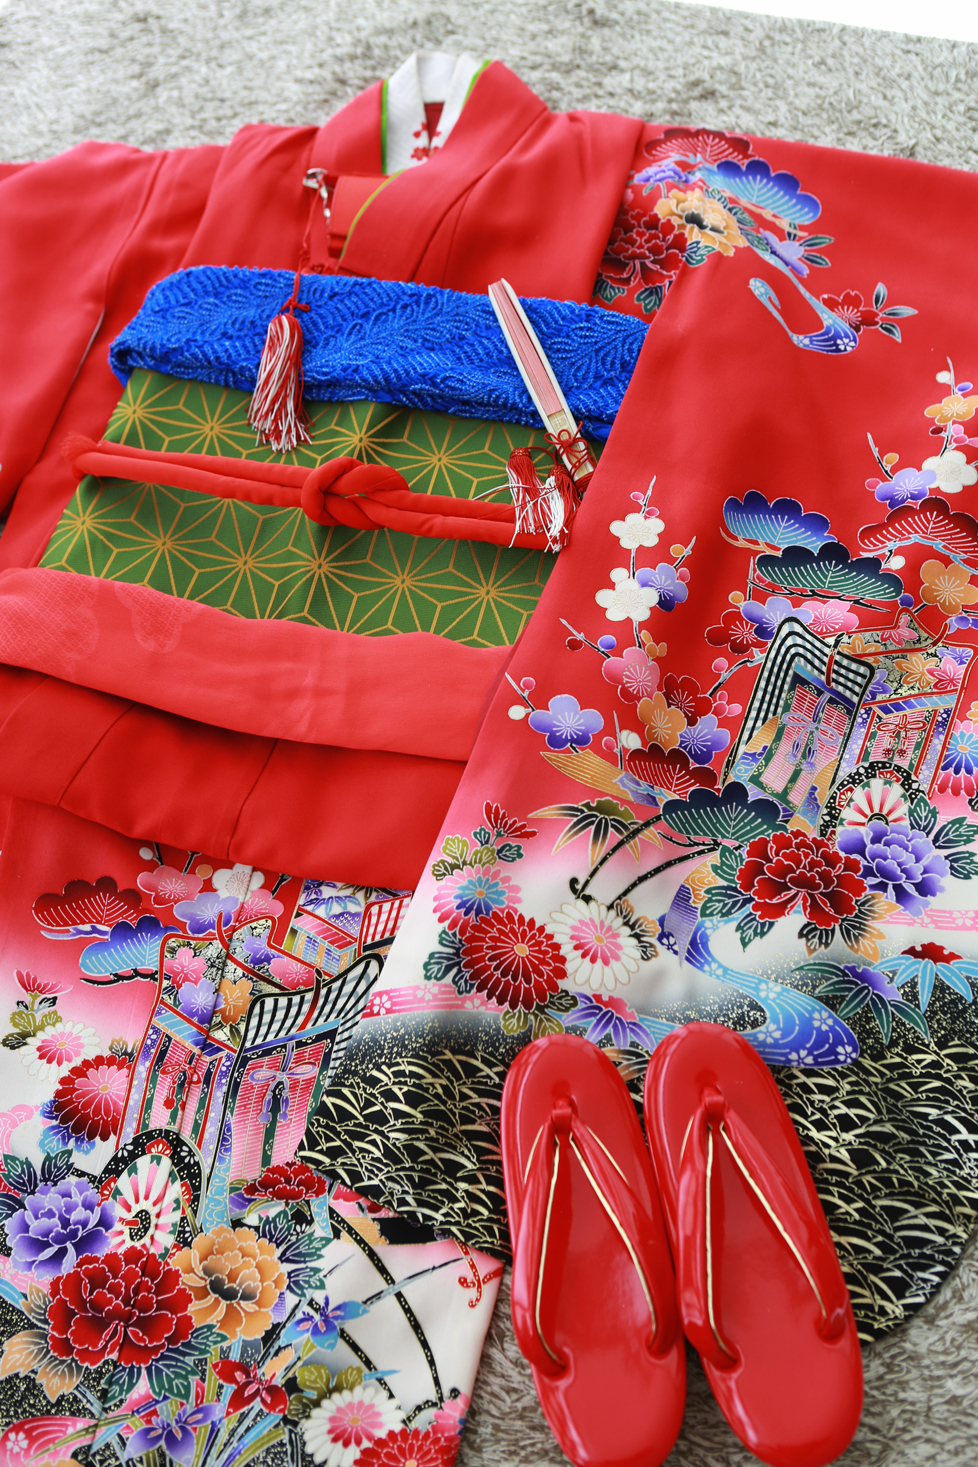 鮮やかな赤い着物。袖と裾には、赤に映える色とりどりの模様がとても素敵です。着物の赤と対象的な帯揚げの青が、鮮やかさを引き立てます。